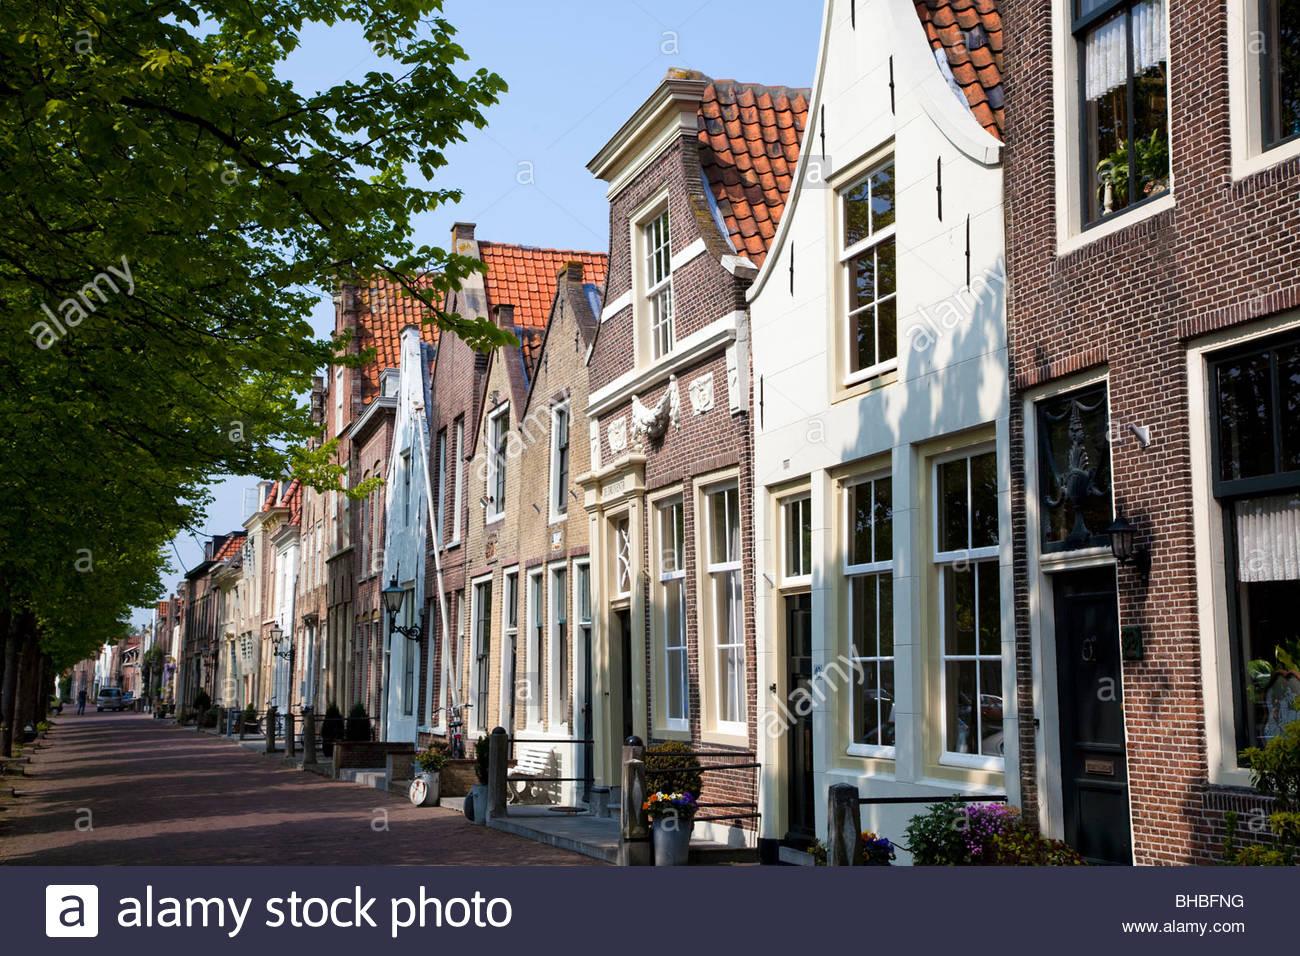 Architecture Benelux Brielle Building City